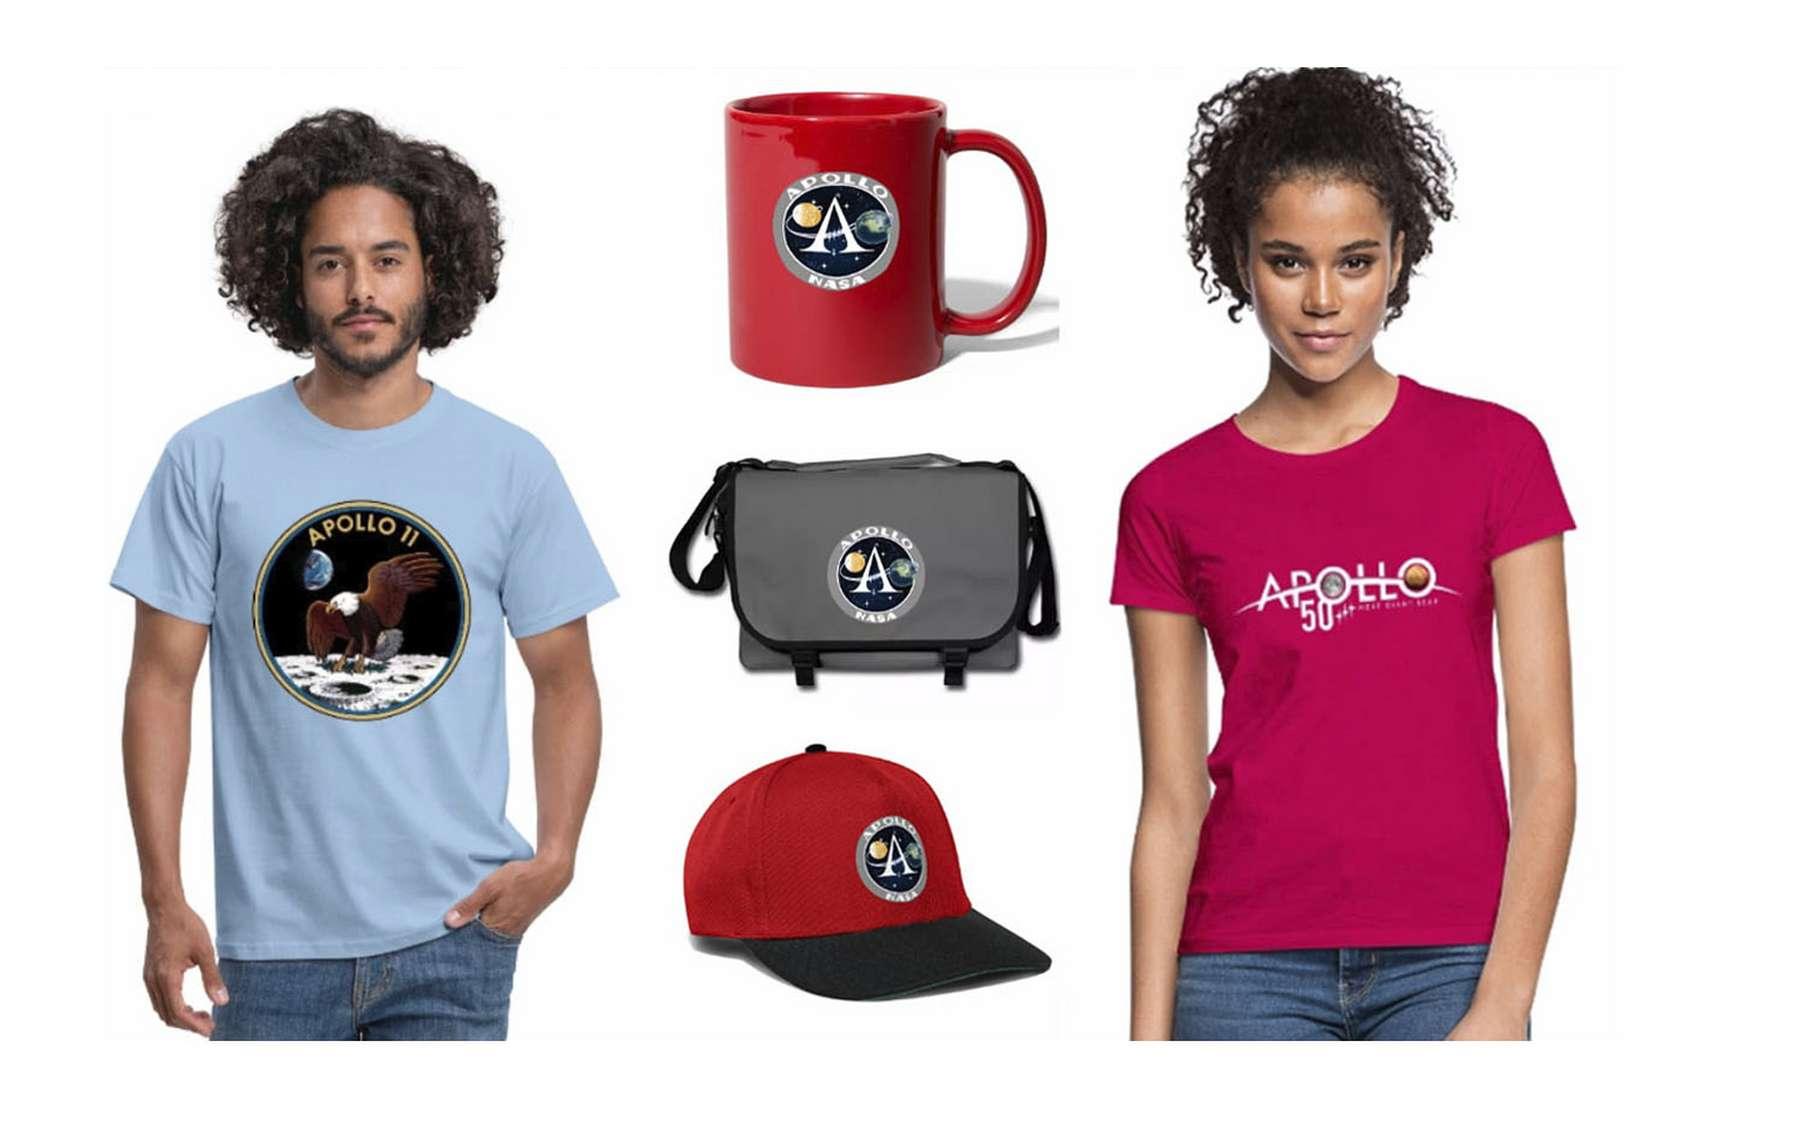 Modèles de T-shirts de la boutique Futura. © Futura